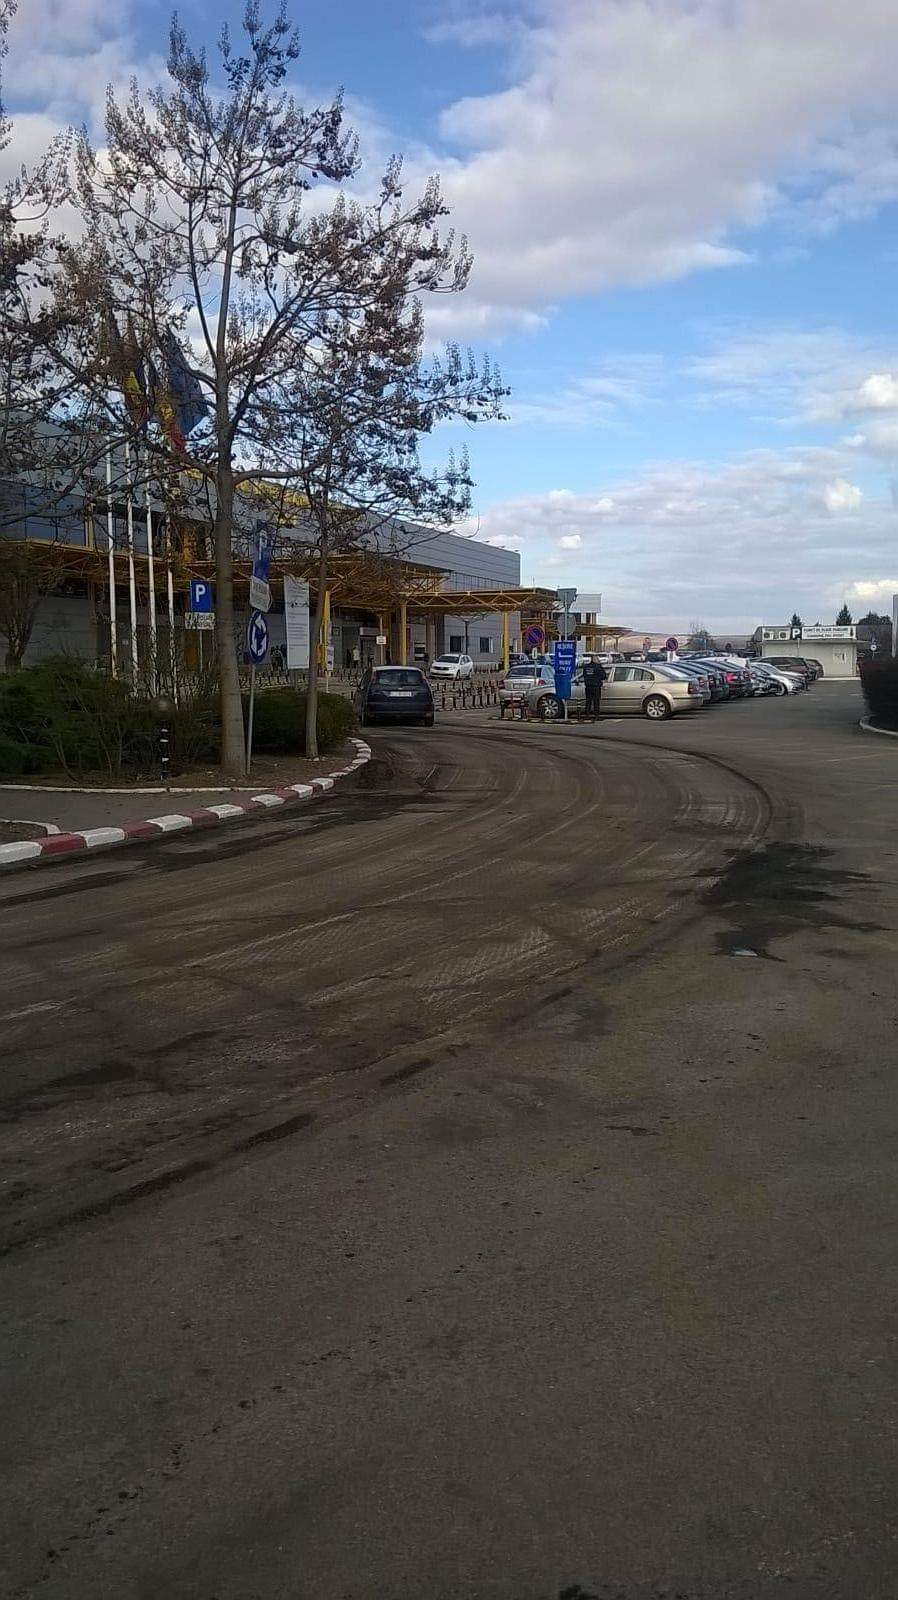 În sfârșit – au început lucrările la parcarea aeroportului clujean